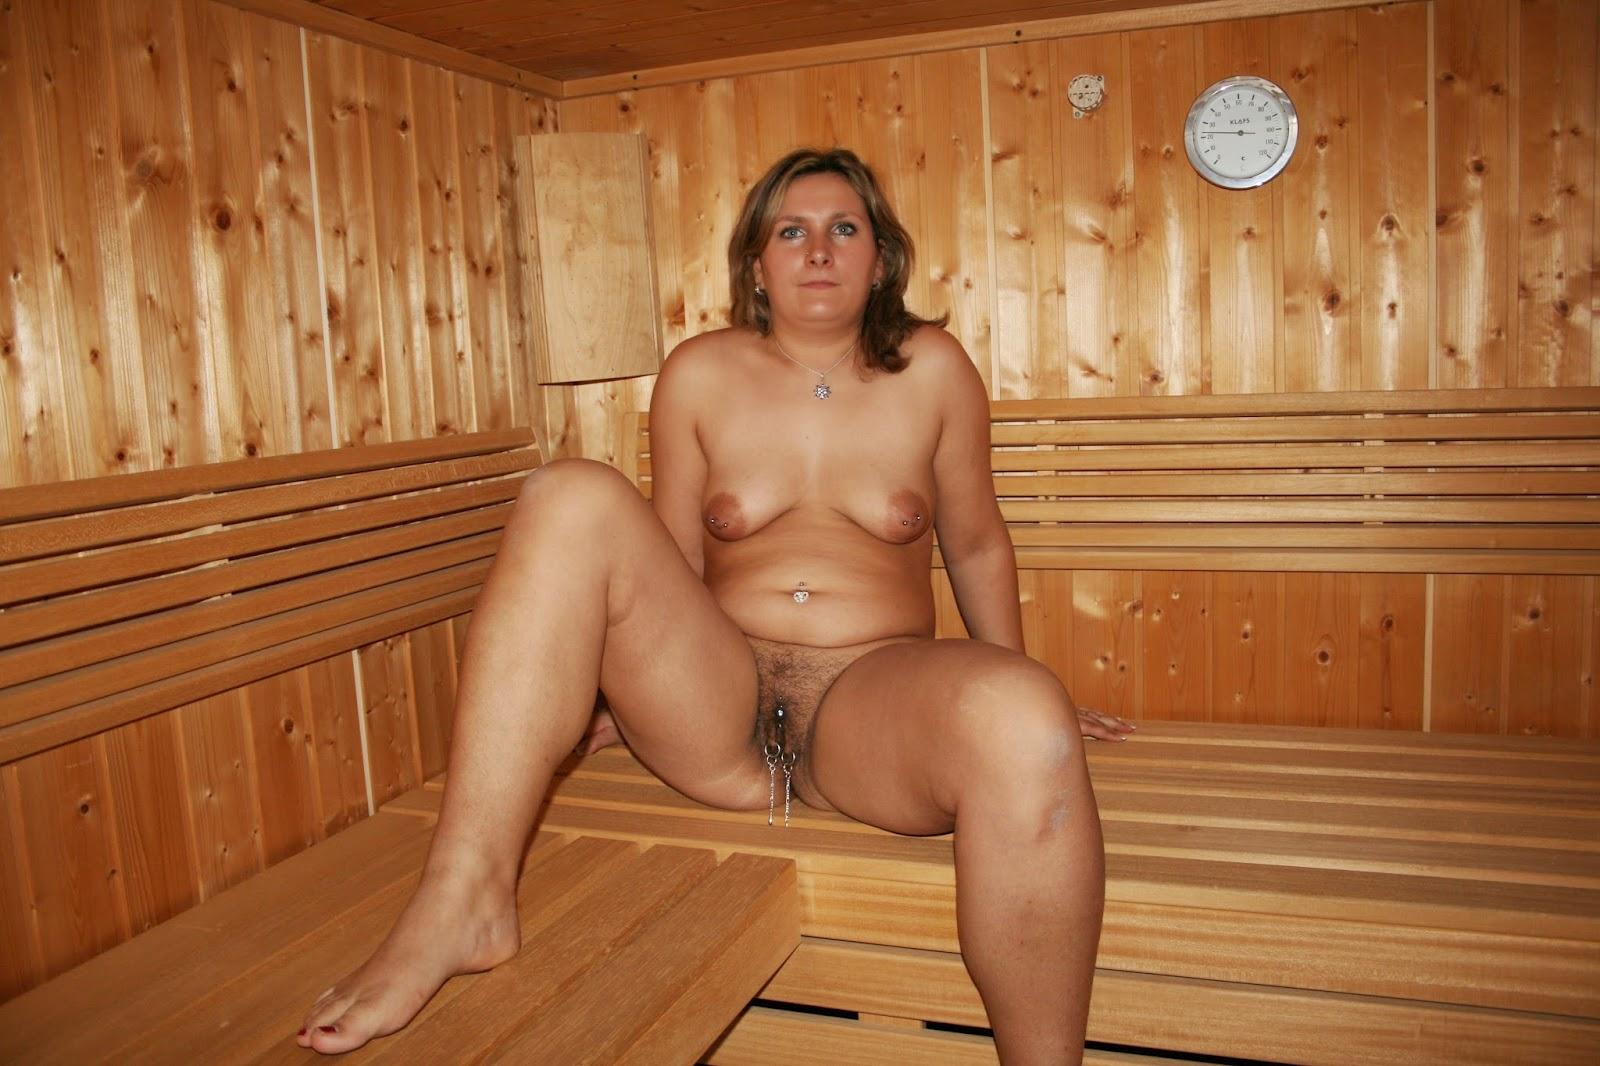 Женская пизда видео в бане #11